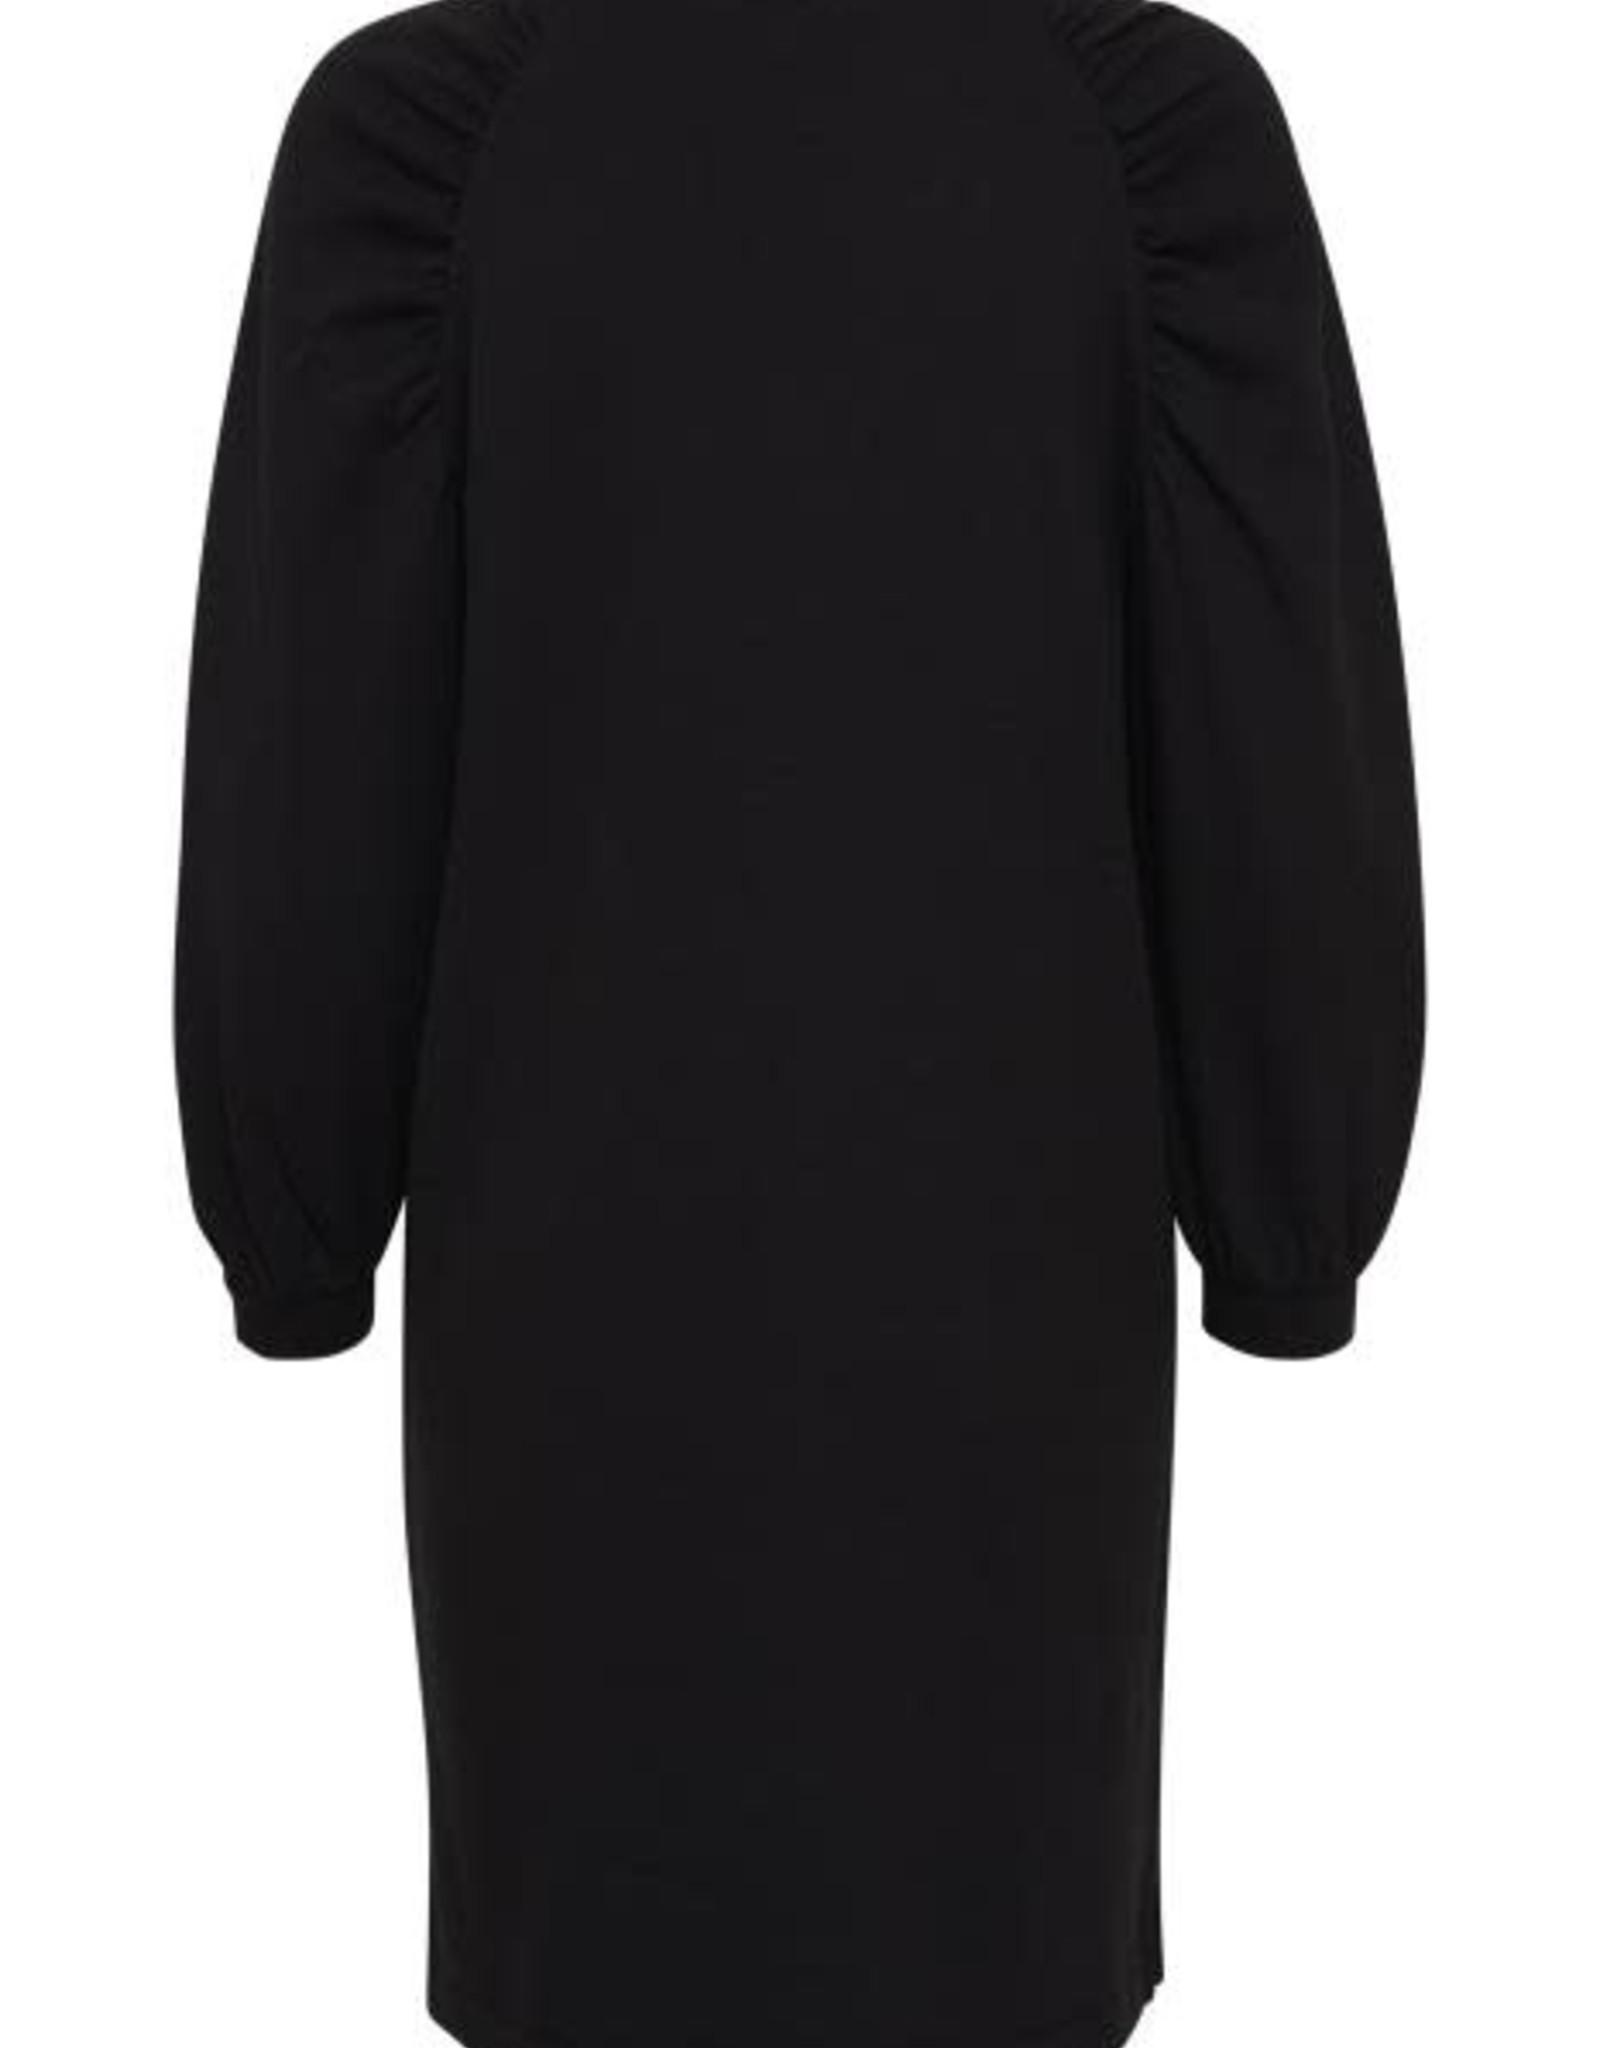 Ichi ICHI Ihyuna Dress